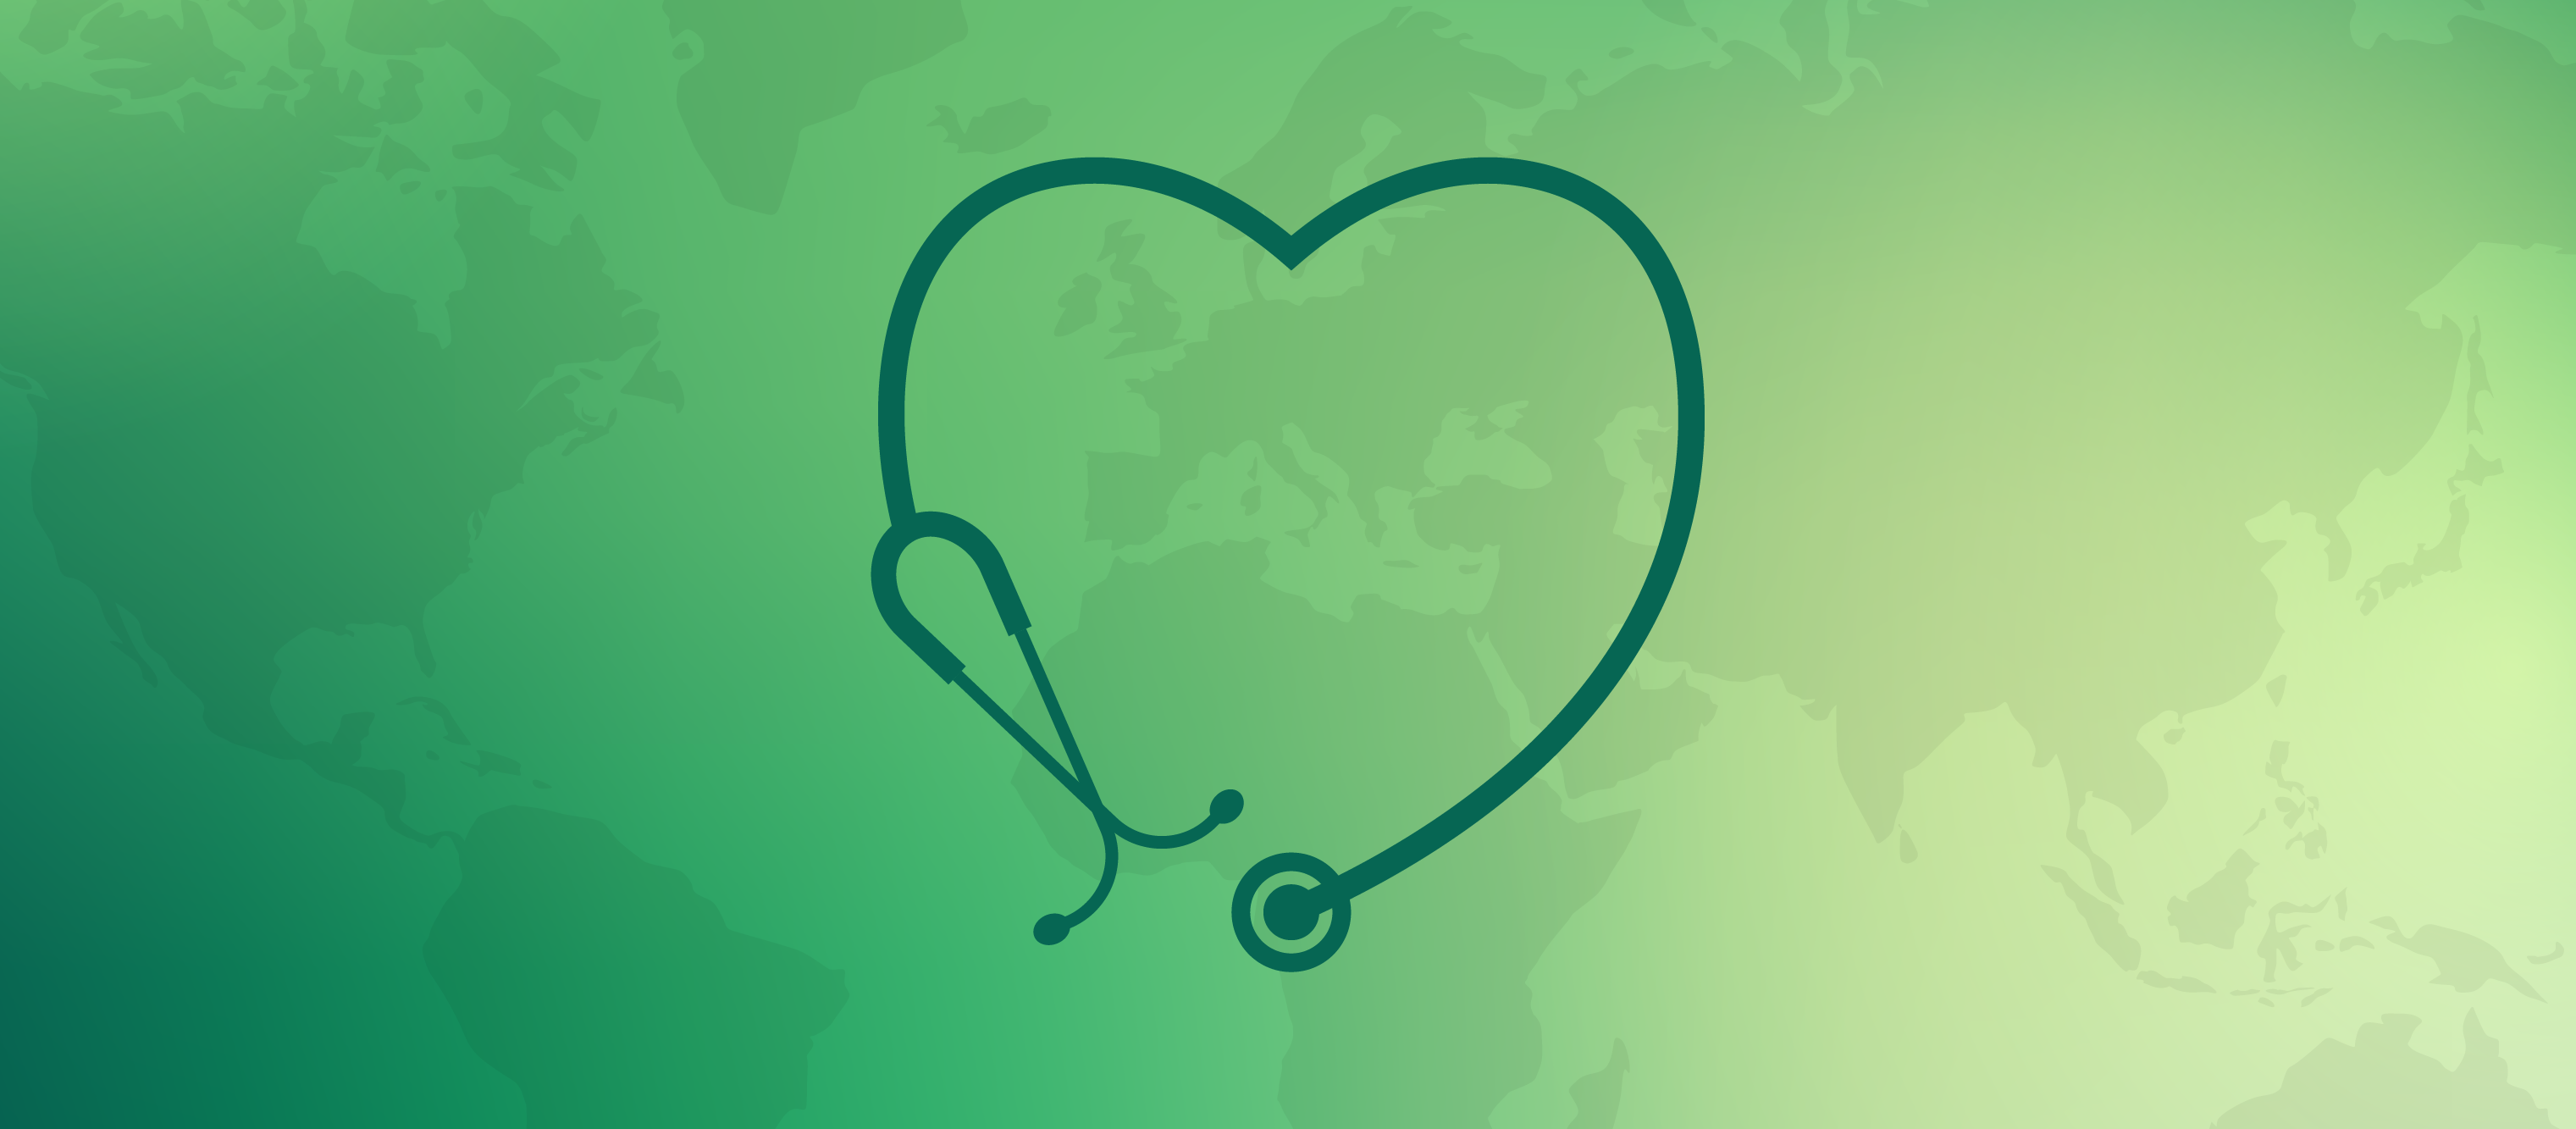 Tire suas dúvidas sobre a revalidação do diploma de medicina em Portugal